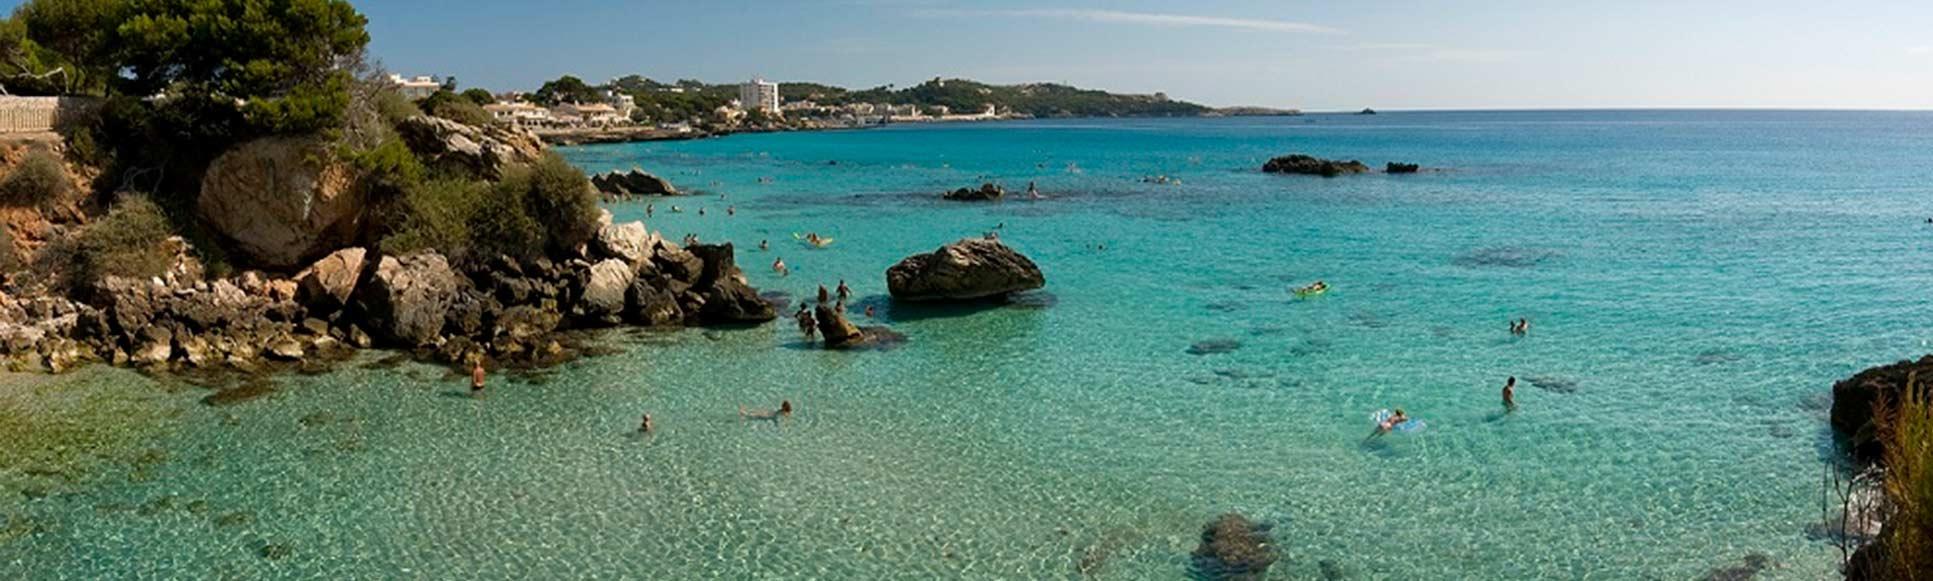 Na Forana Hotel 4 In Cala Ratjada Mallorca Balearische Inseln